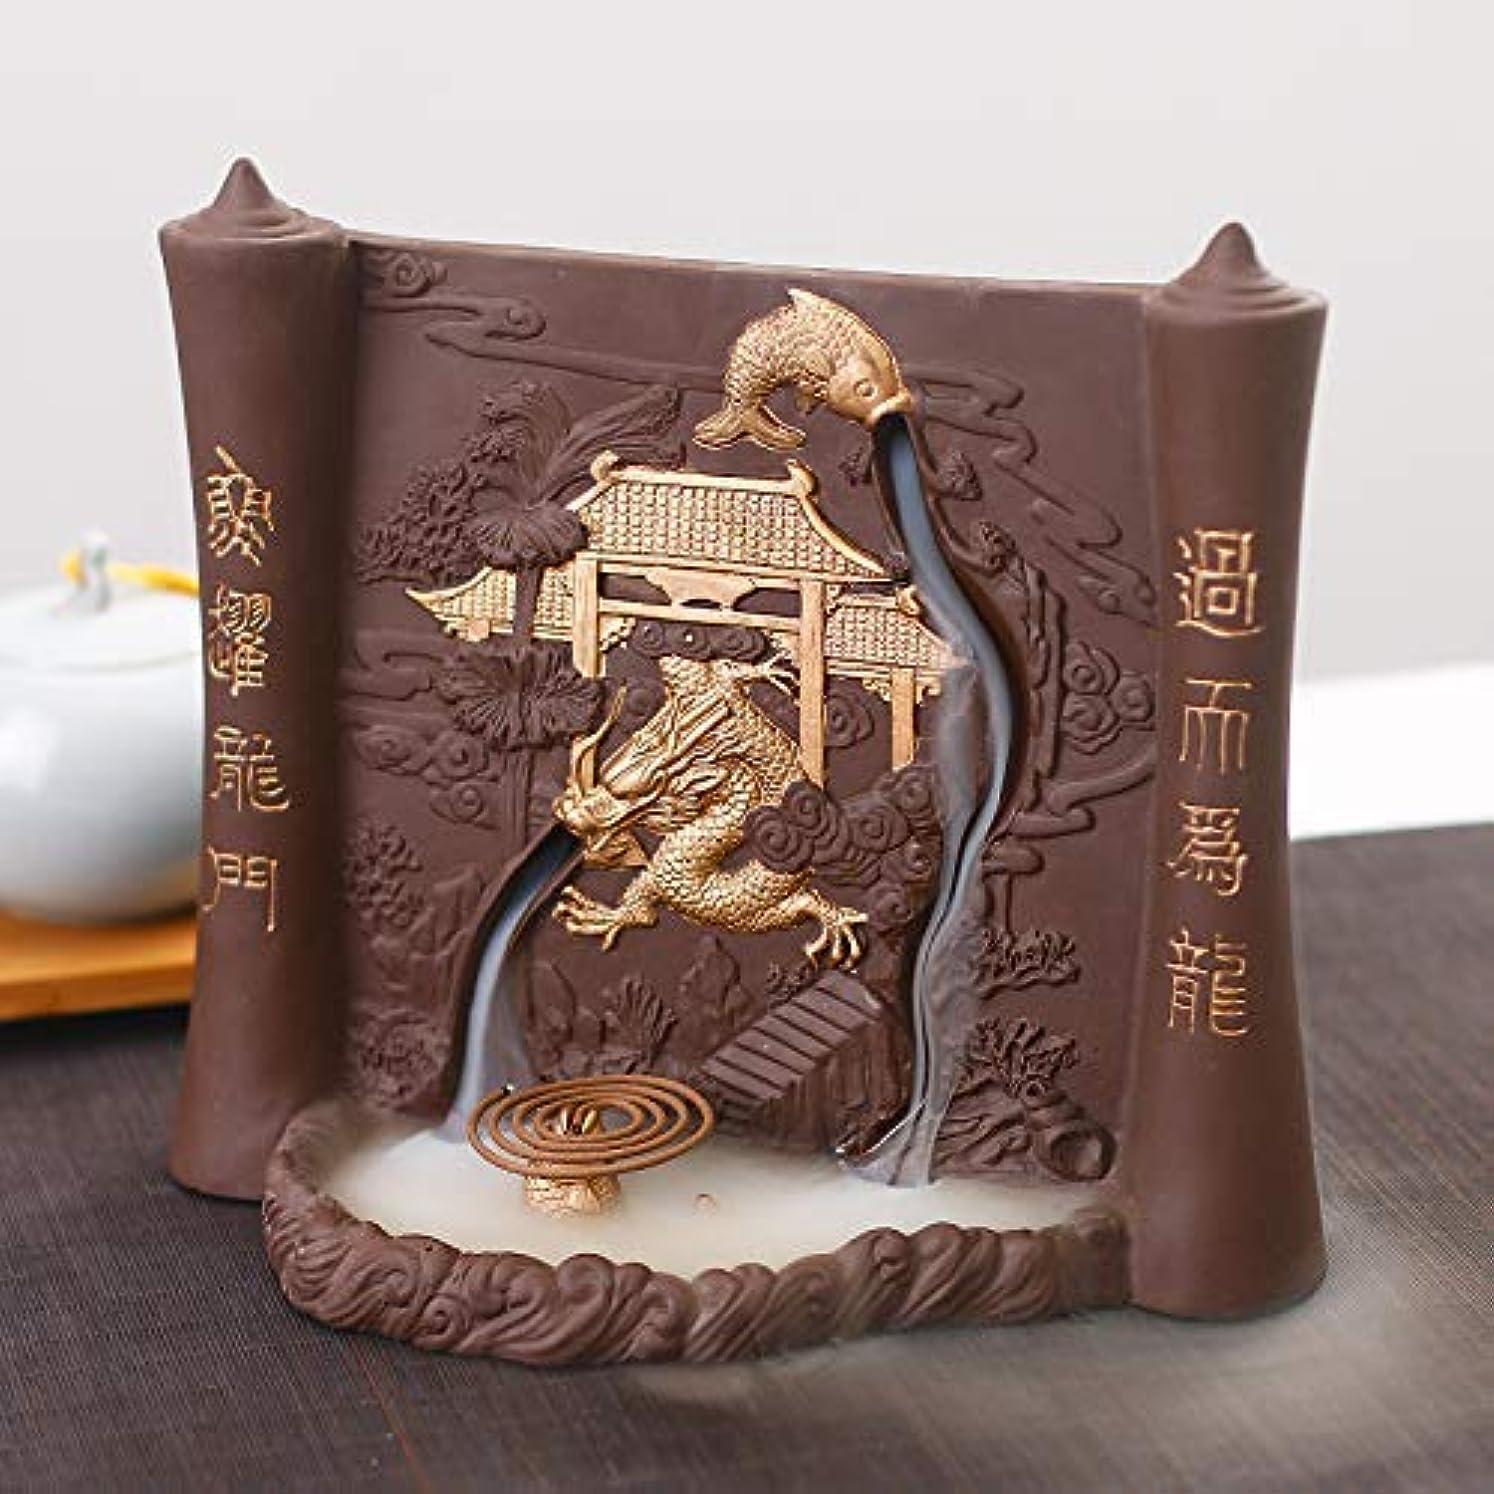 昆虫の面では標準PHILOGOD 香炉 陶器漢字彫刻レリーフ手作り逆流香炉 線香立て デュアルユース お香 ホルダー